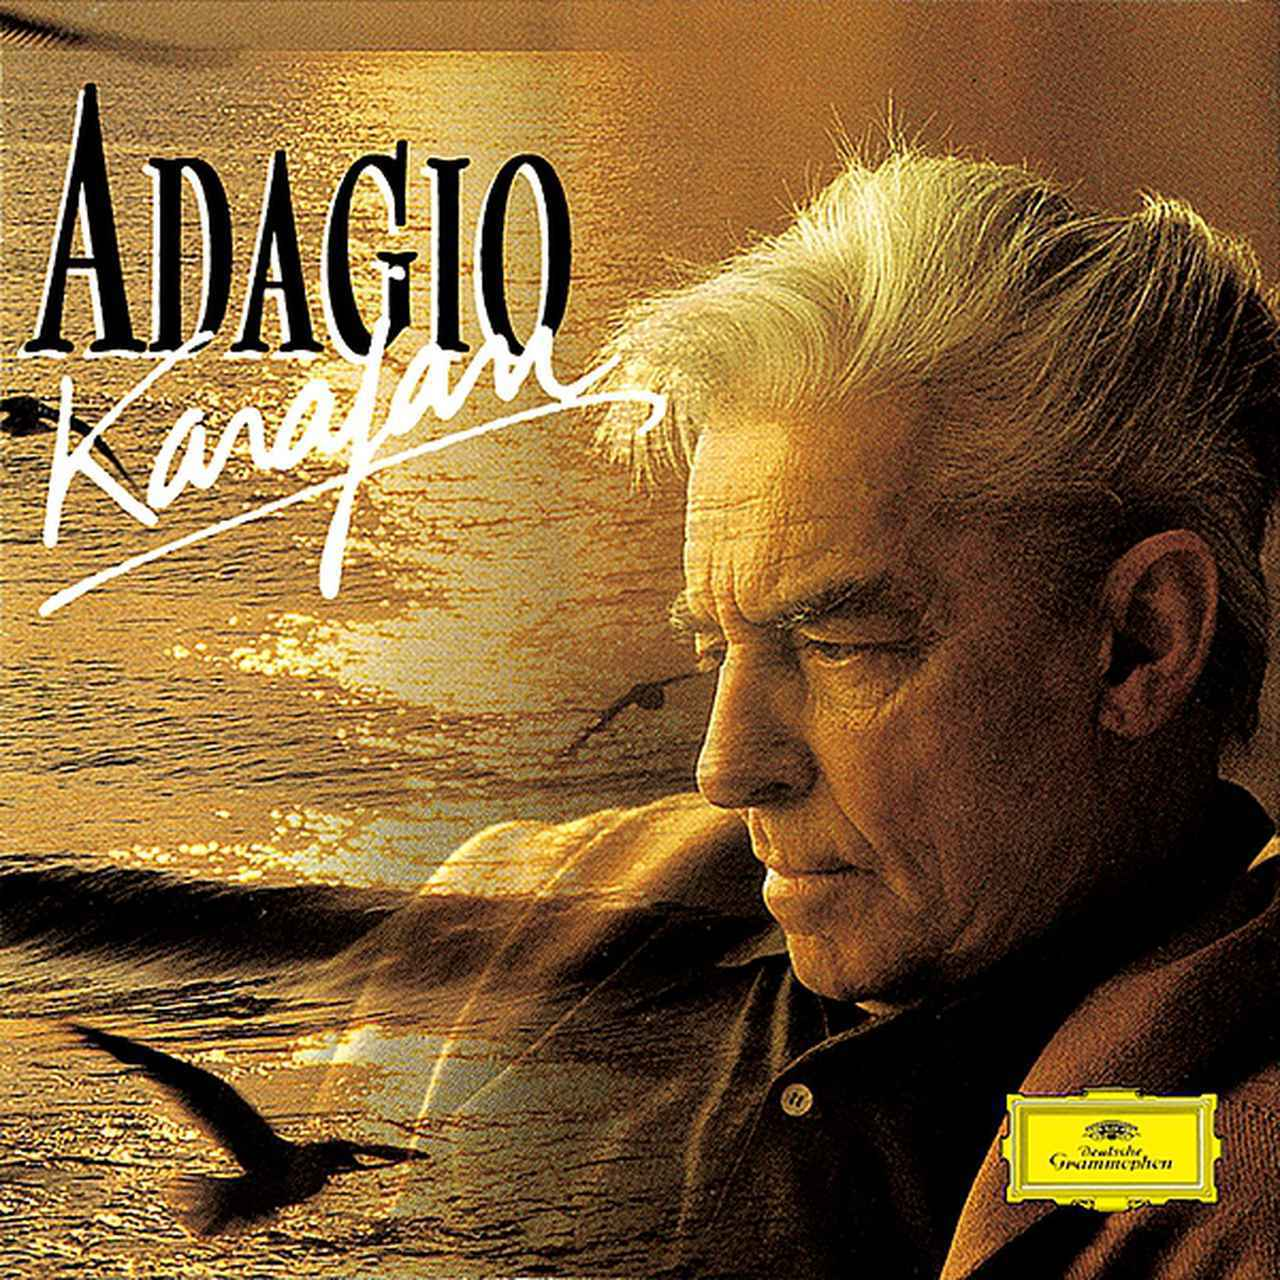 画像: アダージョ・カラヤン・プラチナム/ヘルベルト・フォン・カラヤン, ベルリン・フィルハーモニー管弦楽団